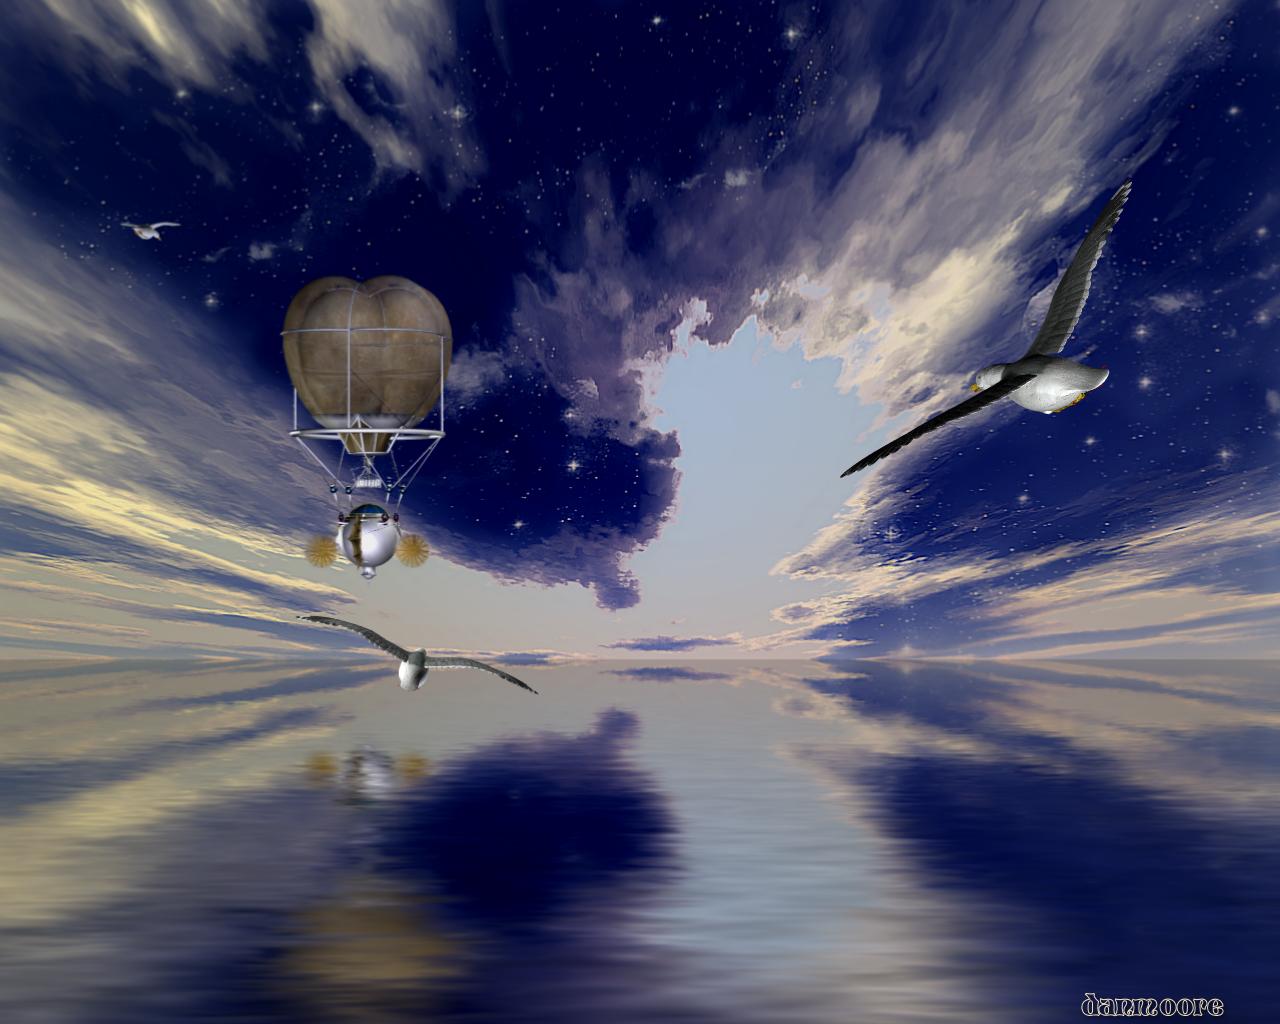 Underworld by danmoore